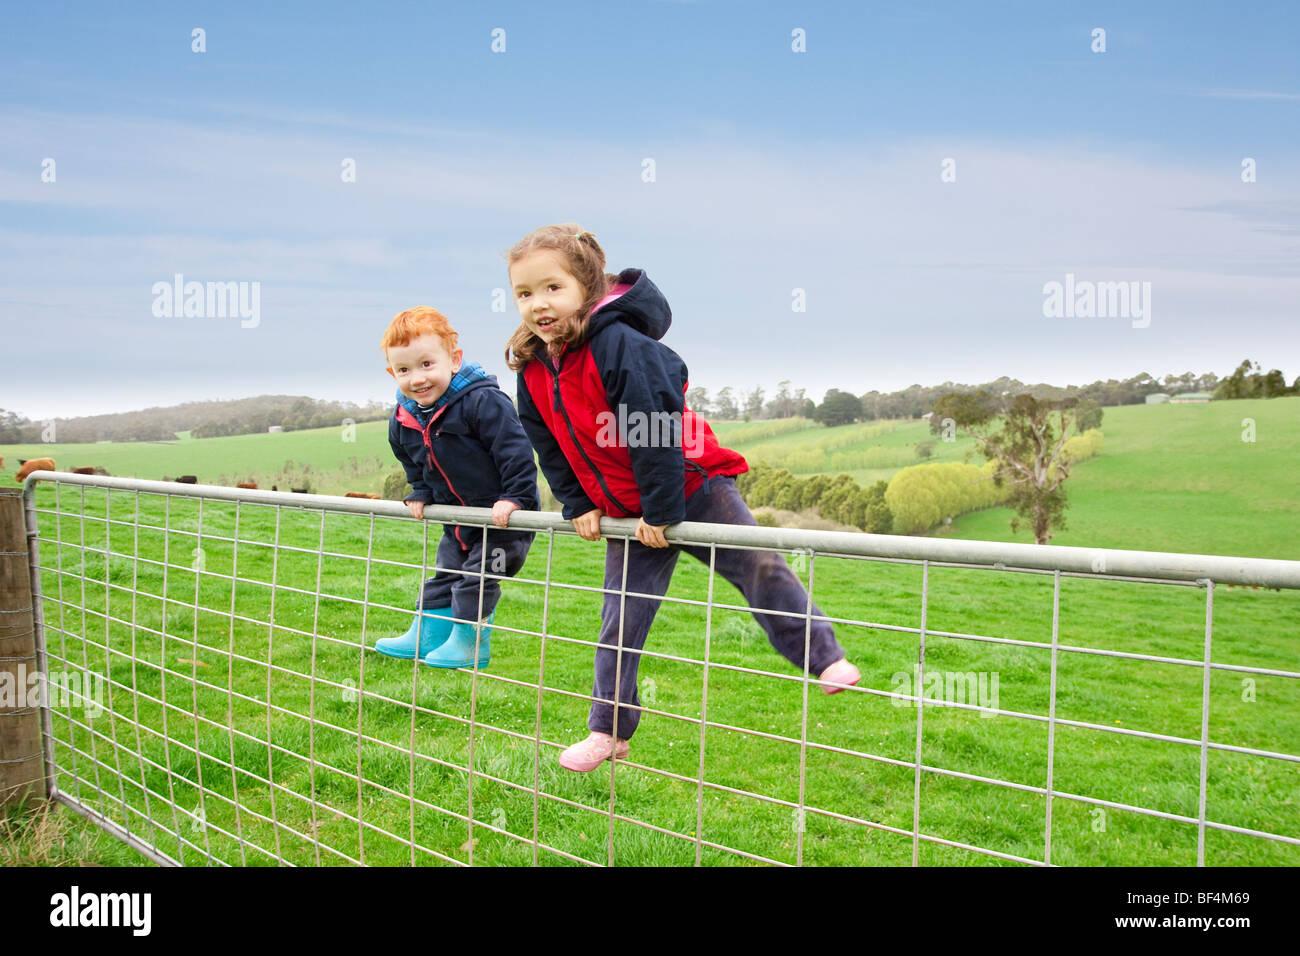 Chico y chica en la puerta de la finca con finca rural antecedentes Imagen De Stock